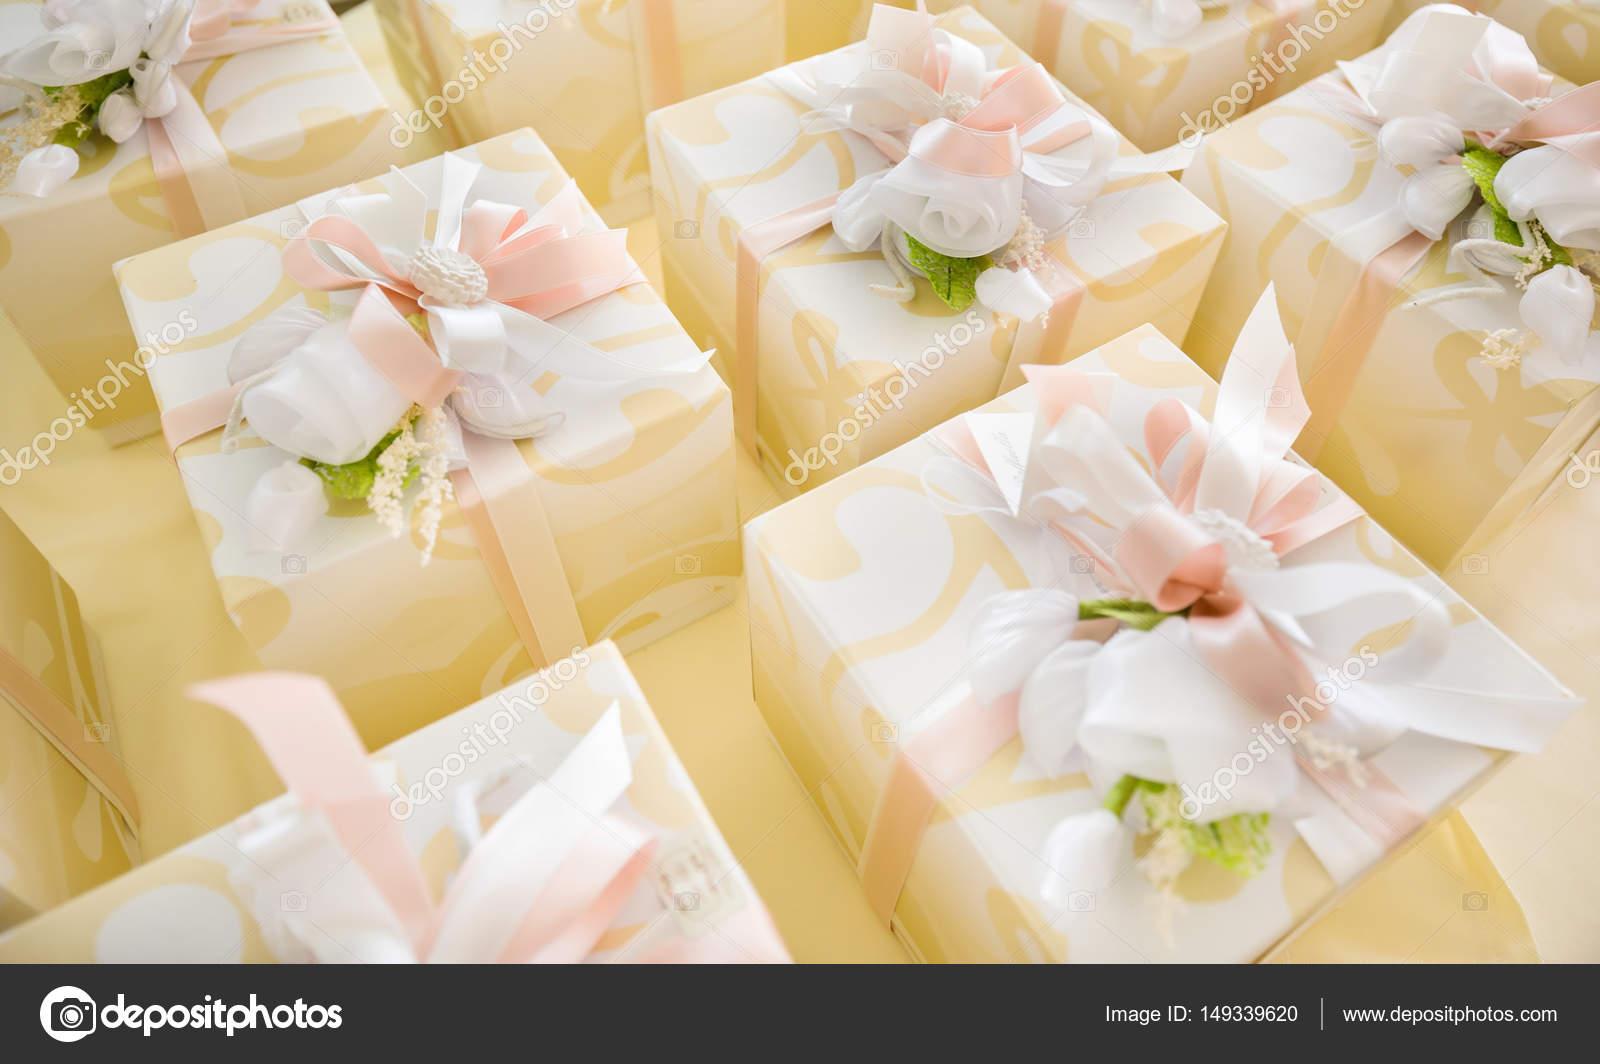 Hochzeitsbevorzugungen Fur Gast Stockfoto C Elitravo 149339620